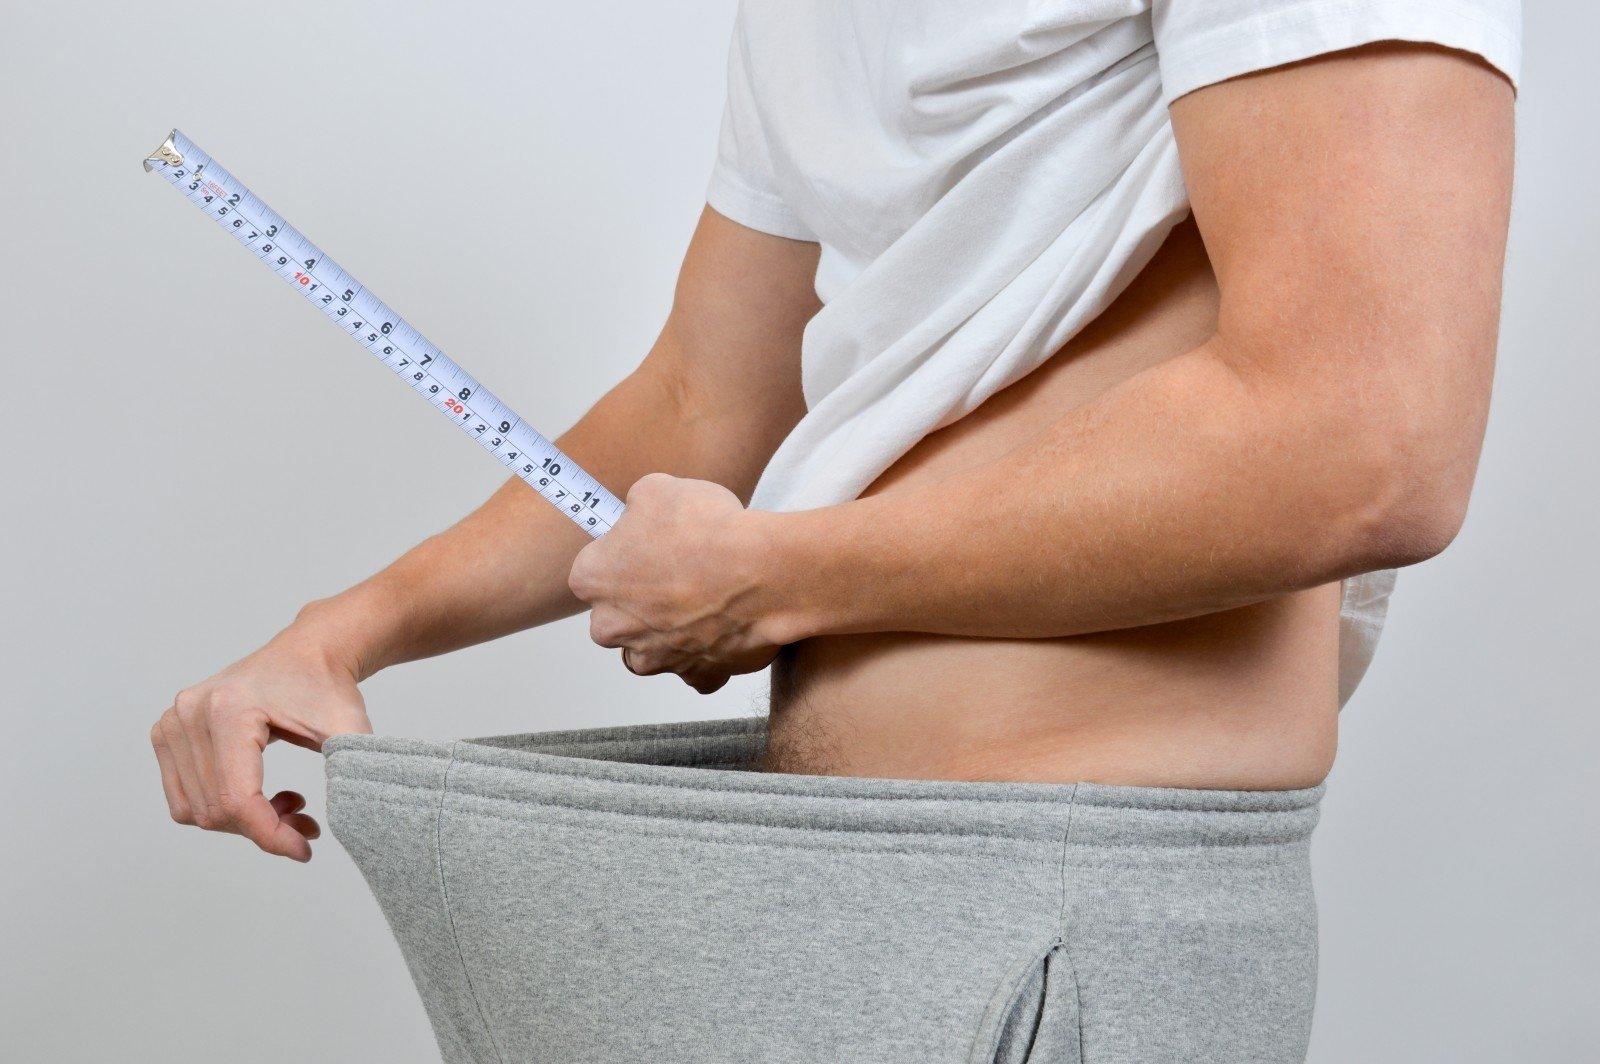 Kas yra varpos dydis per 15 metu narkotiku padidinti nariu dydzius